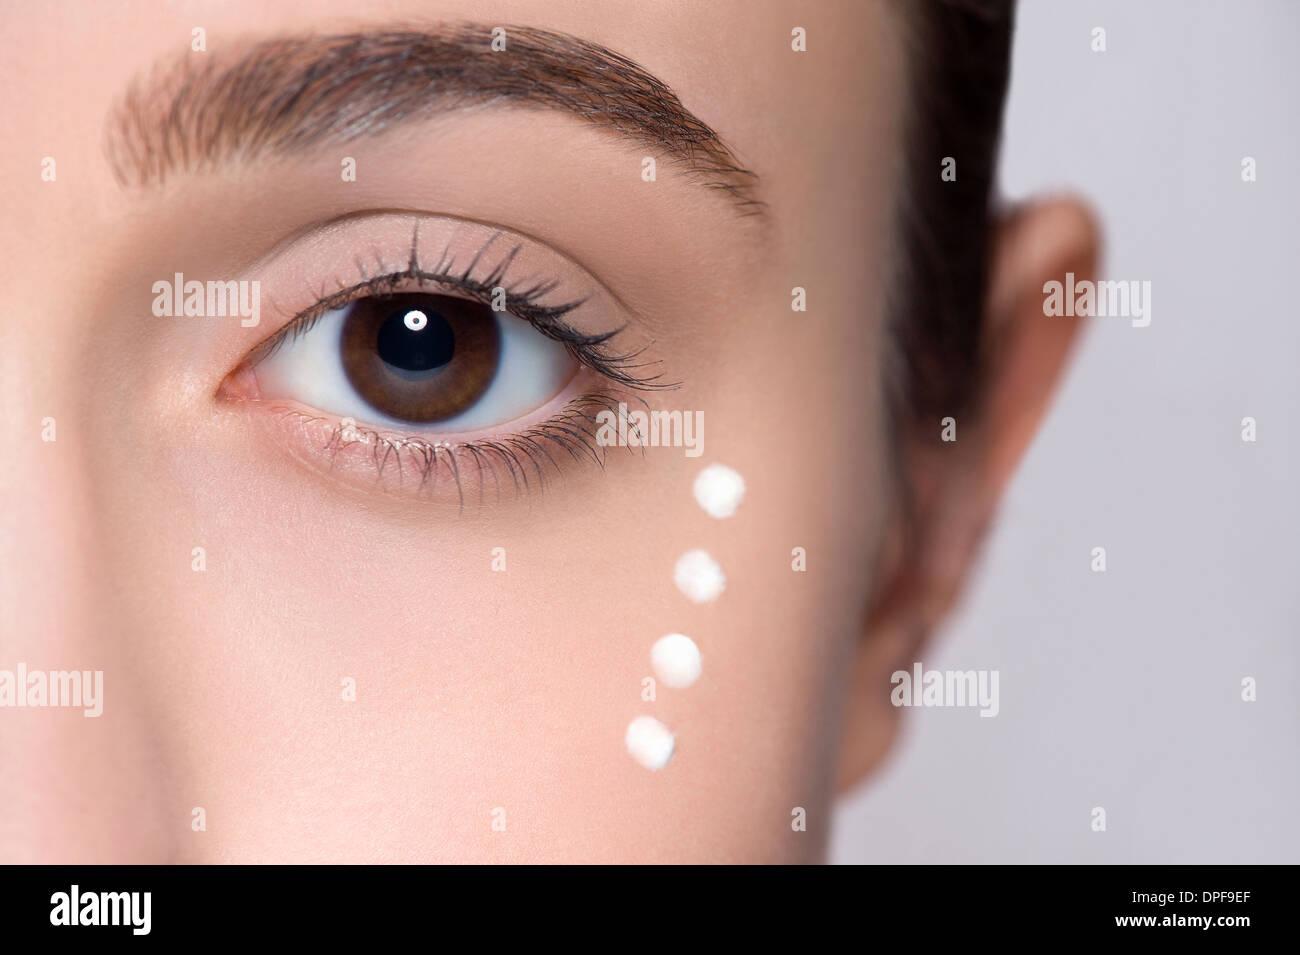 Foto de estudio recortada del ojo de la mujer joven Imagen De Stock